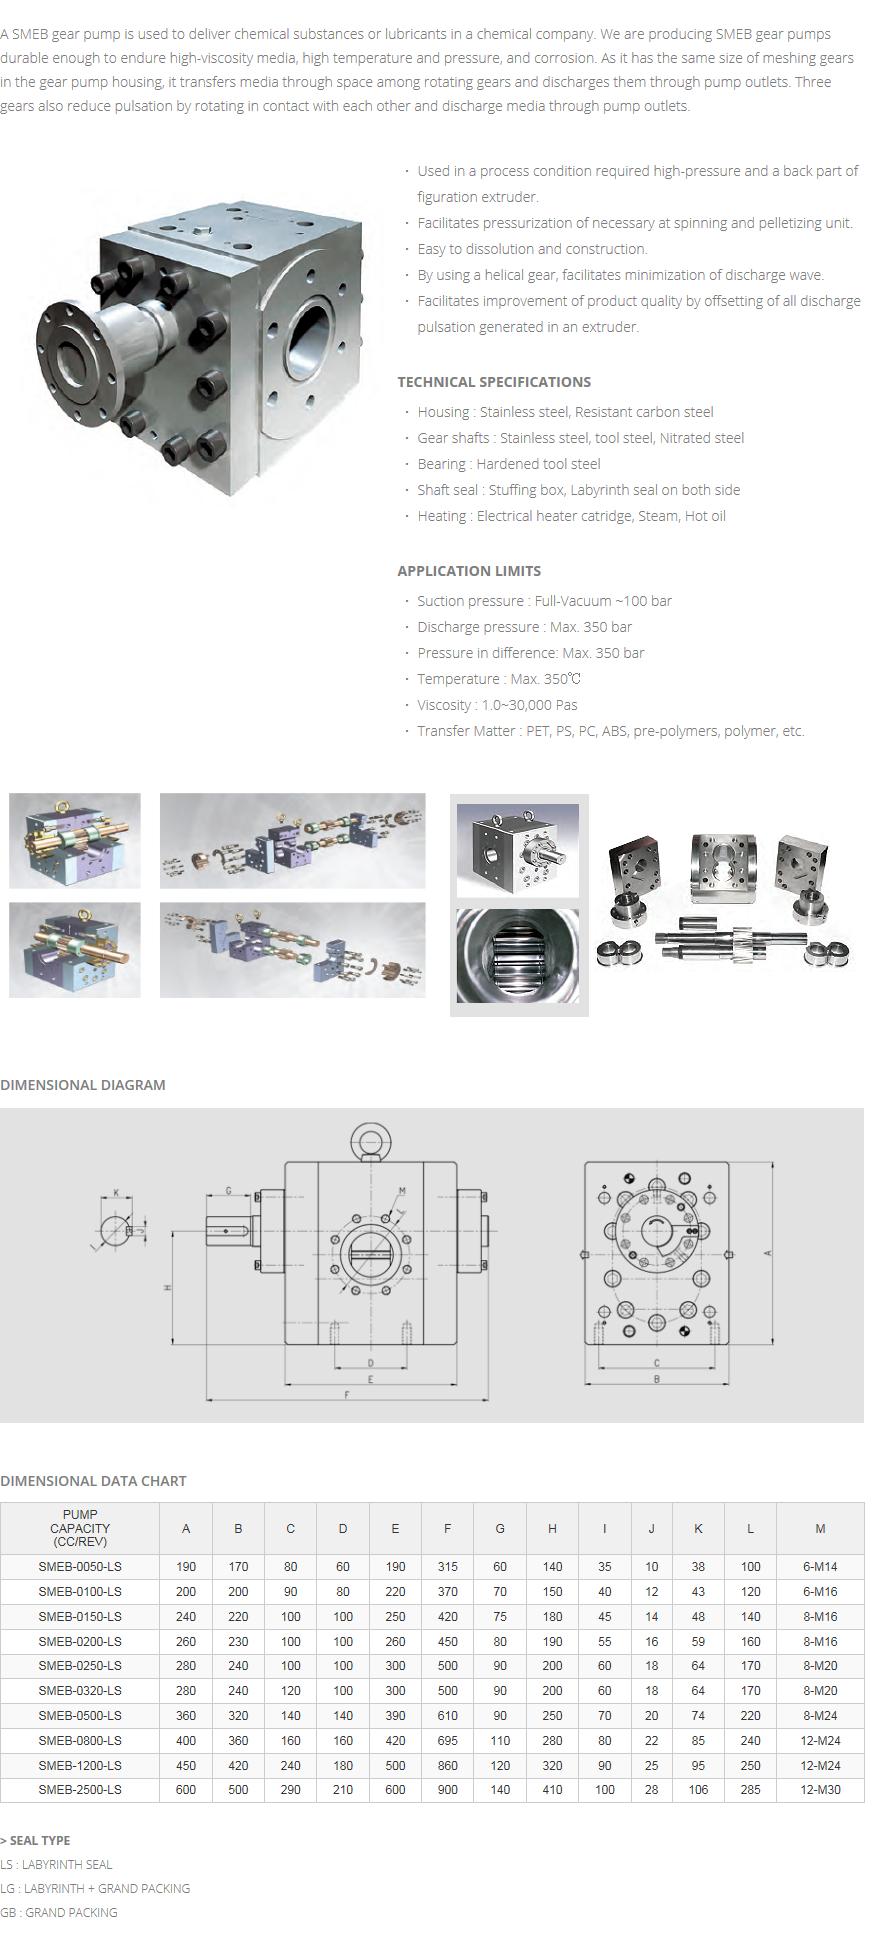 SMG SMEB Gear Pump